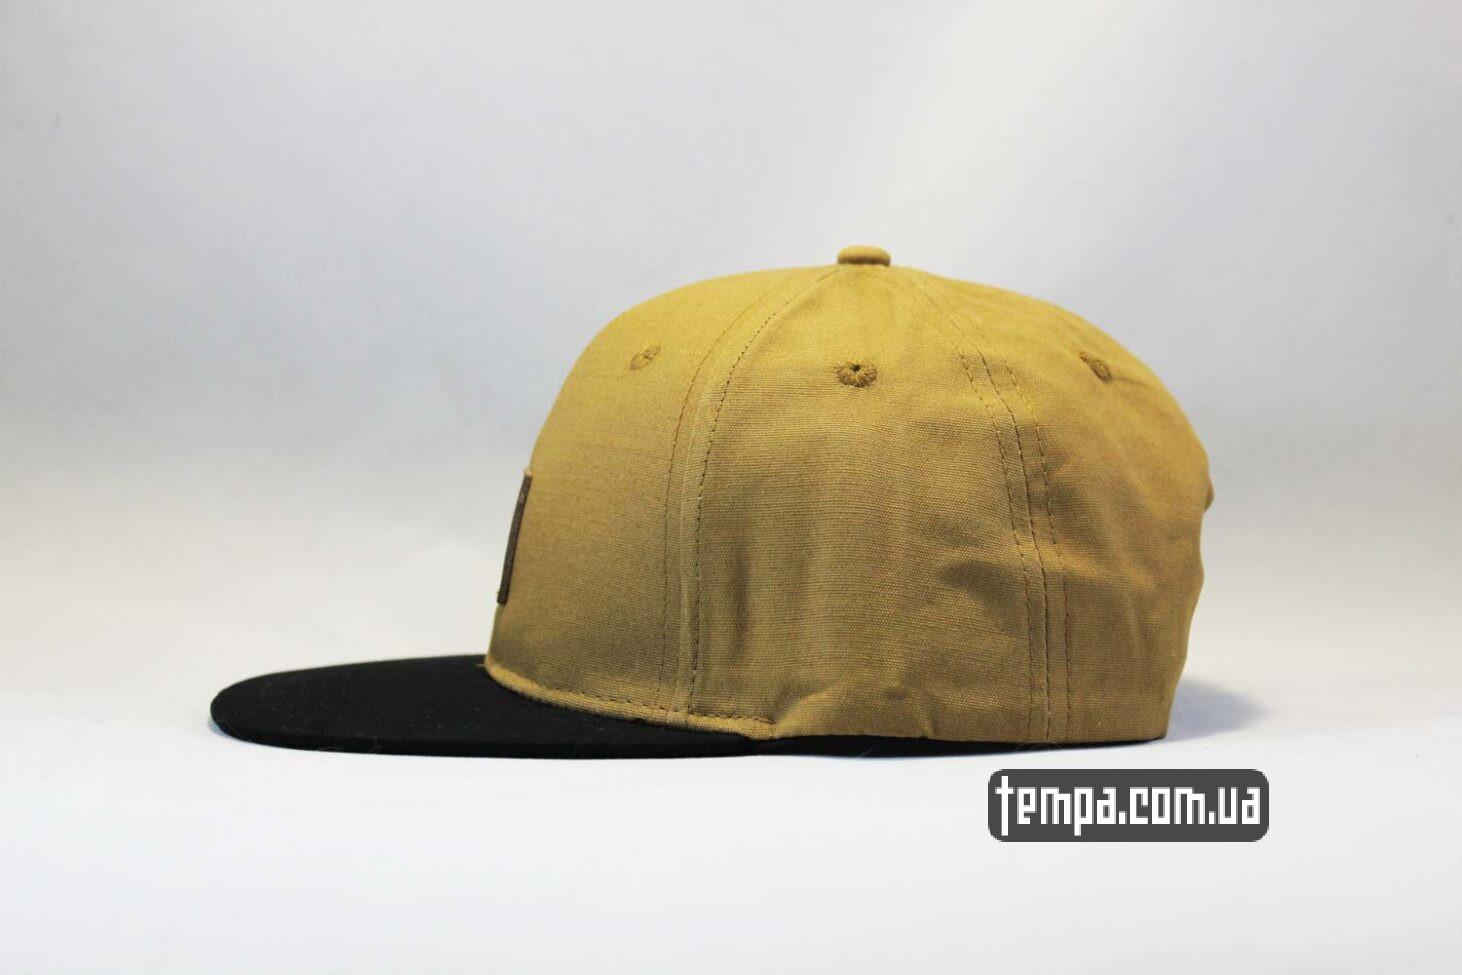 прямой козырек кепка Snapback Carhartt коричневая с кожаным логотипом